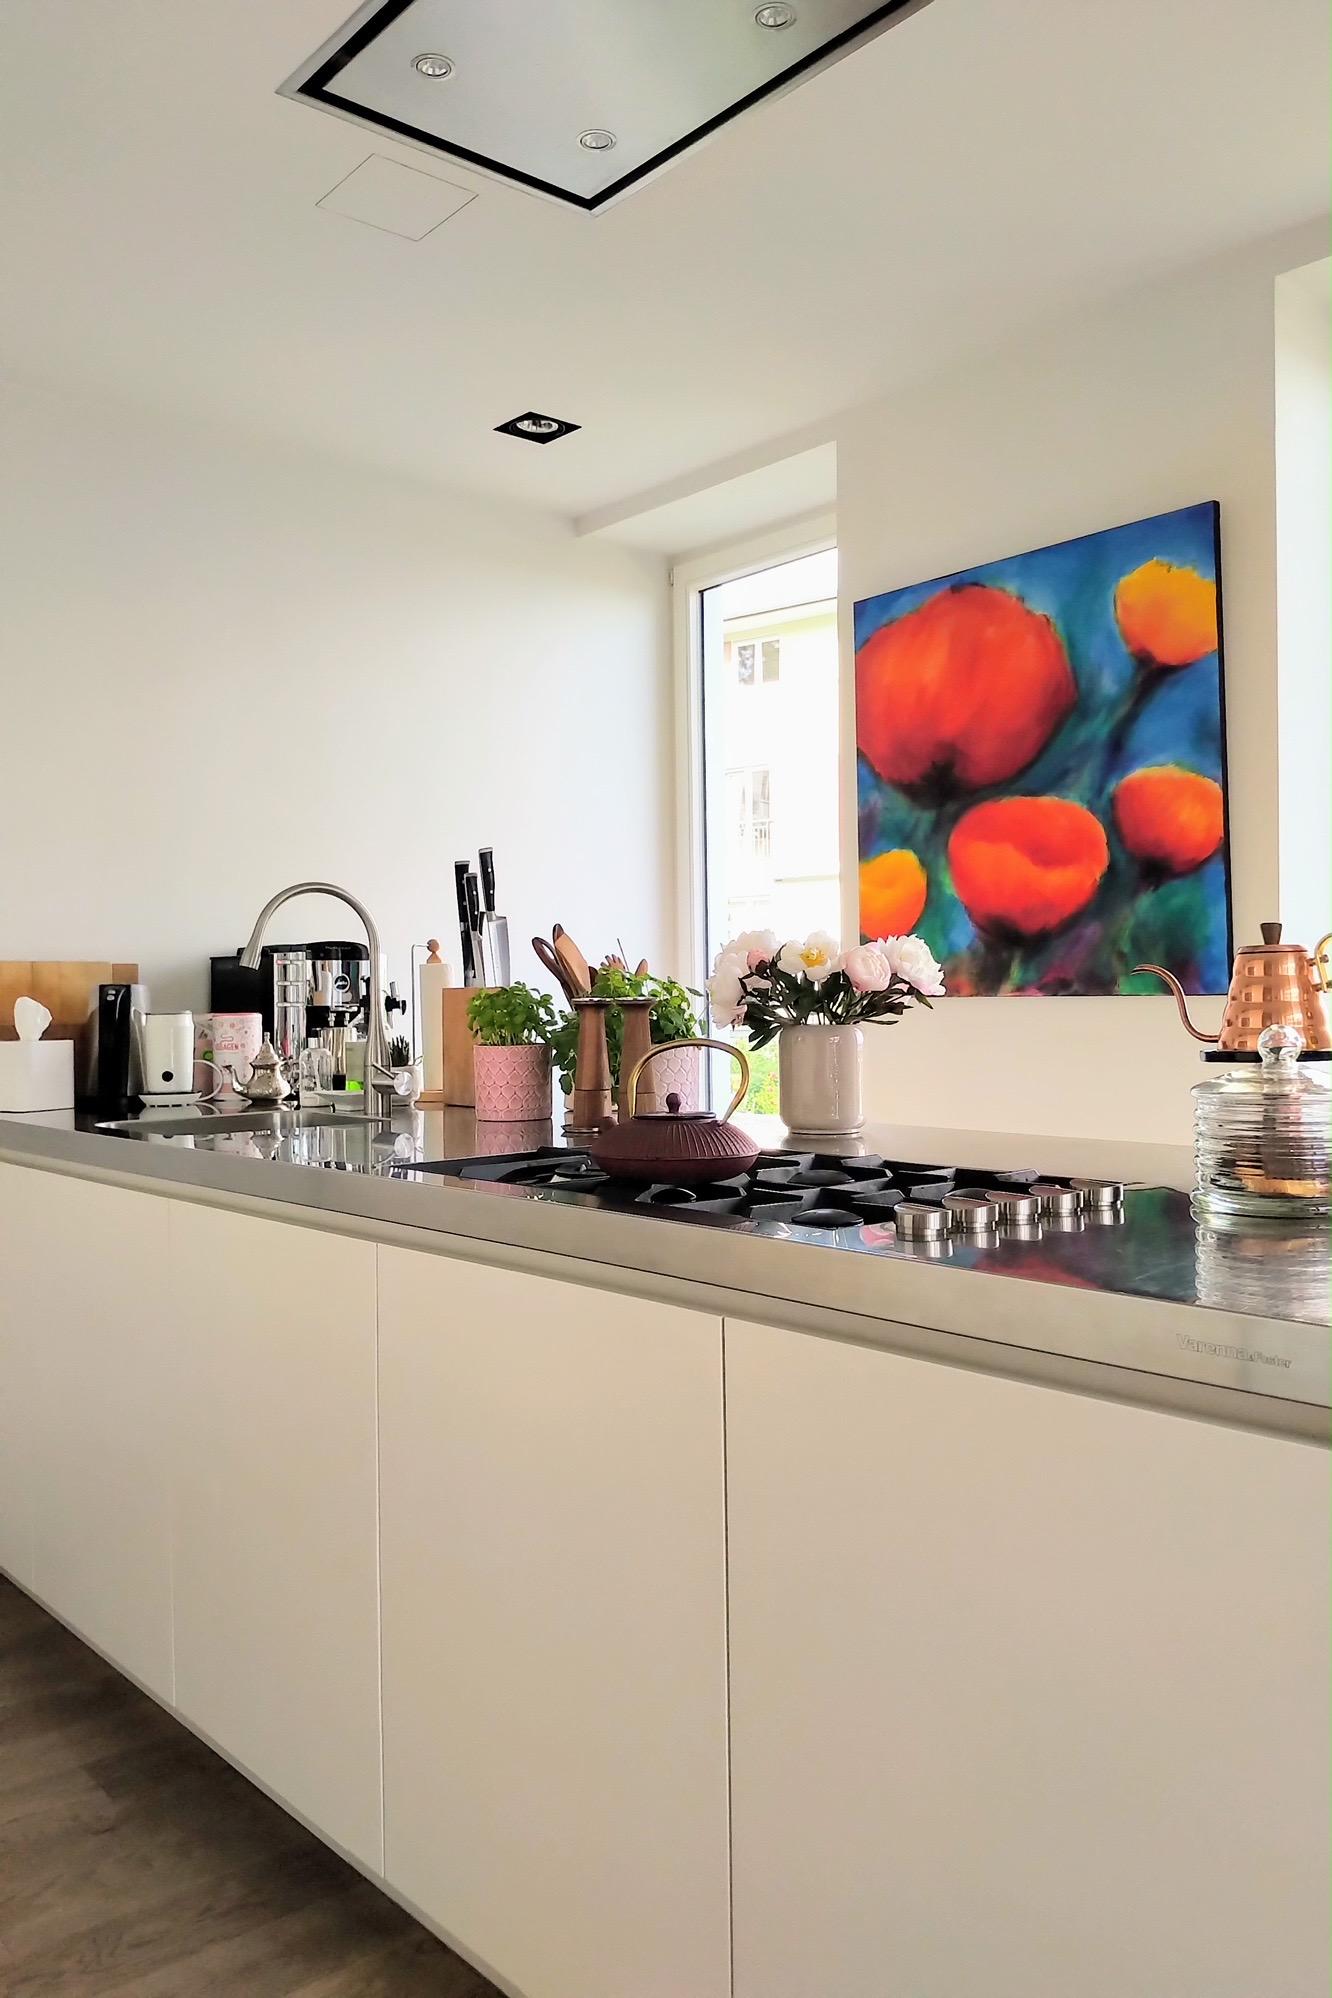 Homestories - Bei Lesern Zuhause - Homestory: Gerardina schafft für Räume Atmosphäre - so geht's einfach Desmondo dein online Magazin und Shop